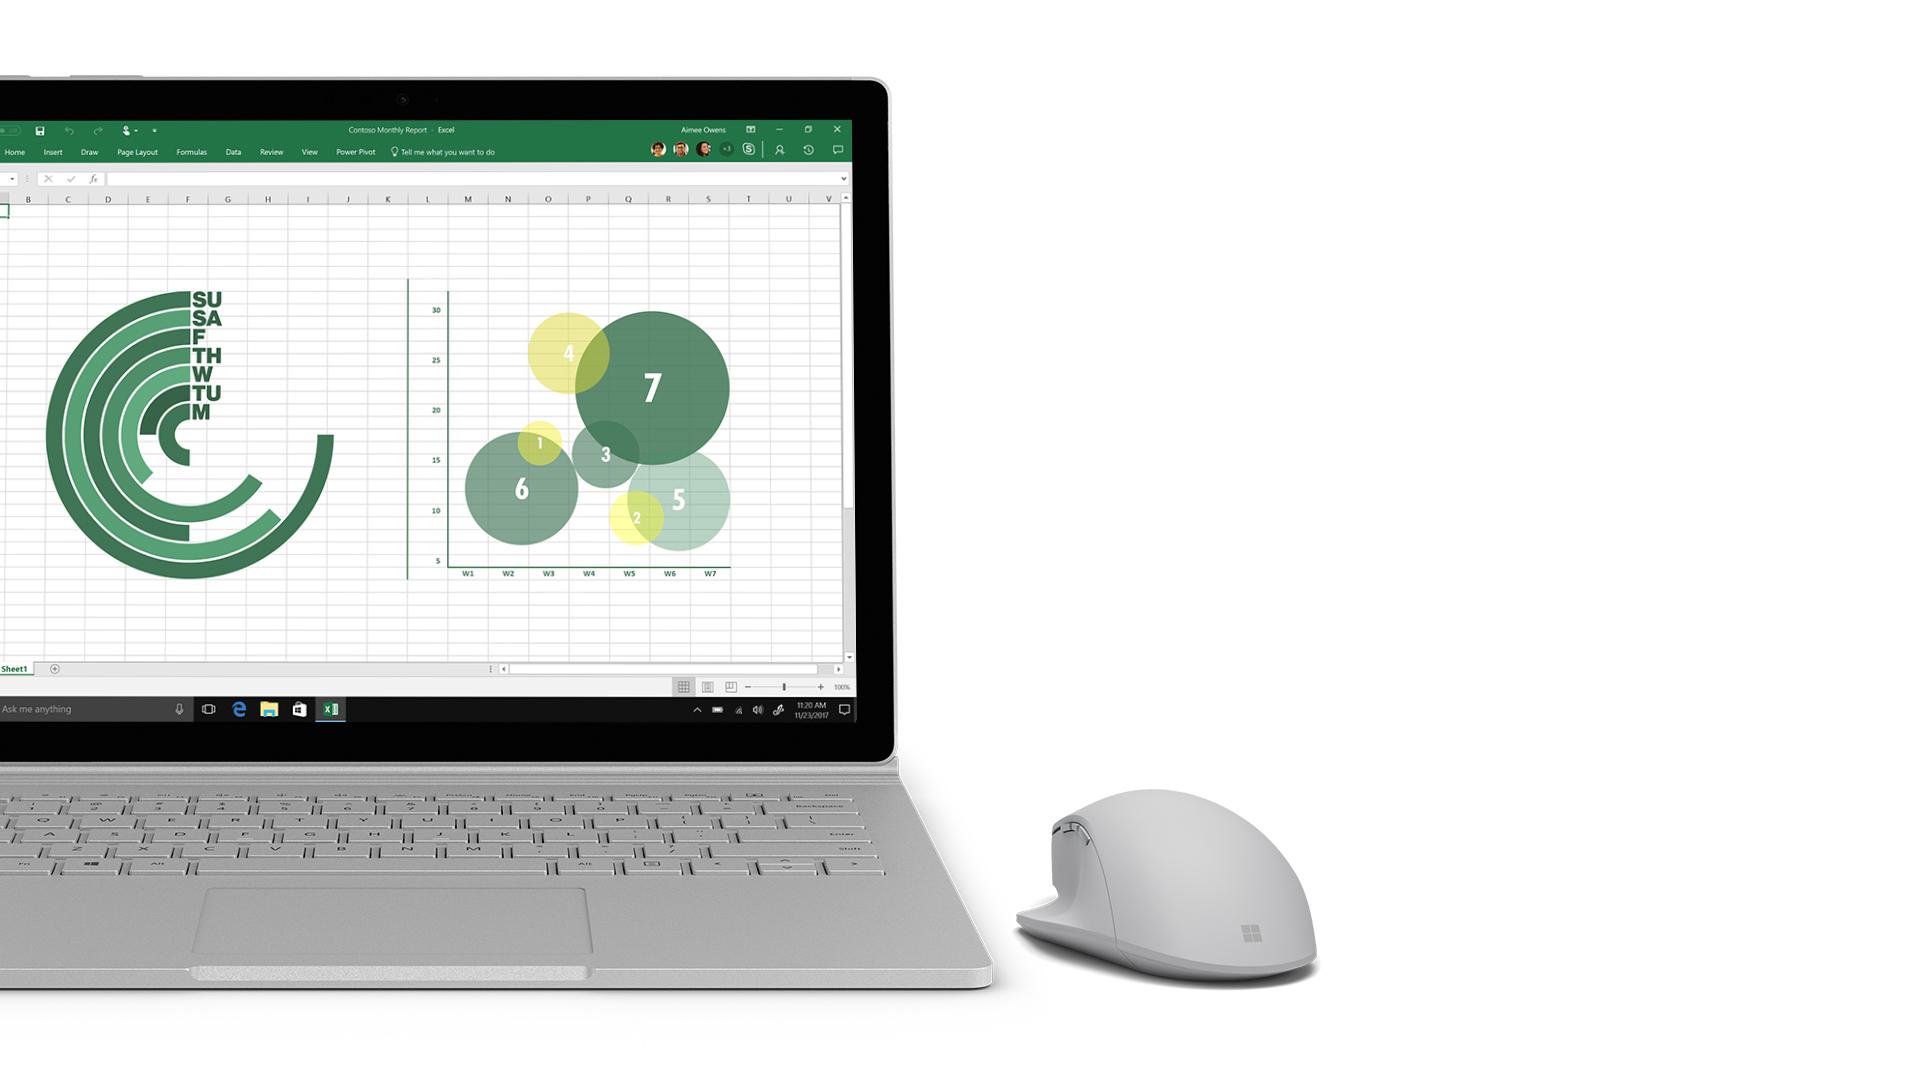 Captura de ecrã do Excel no Surface.